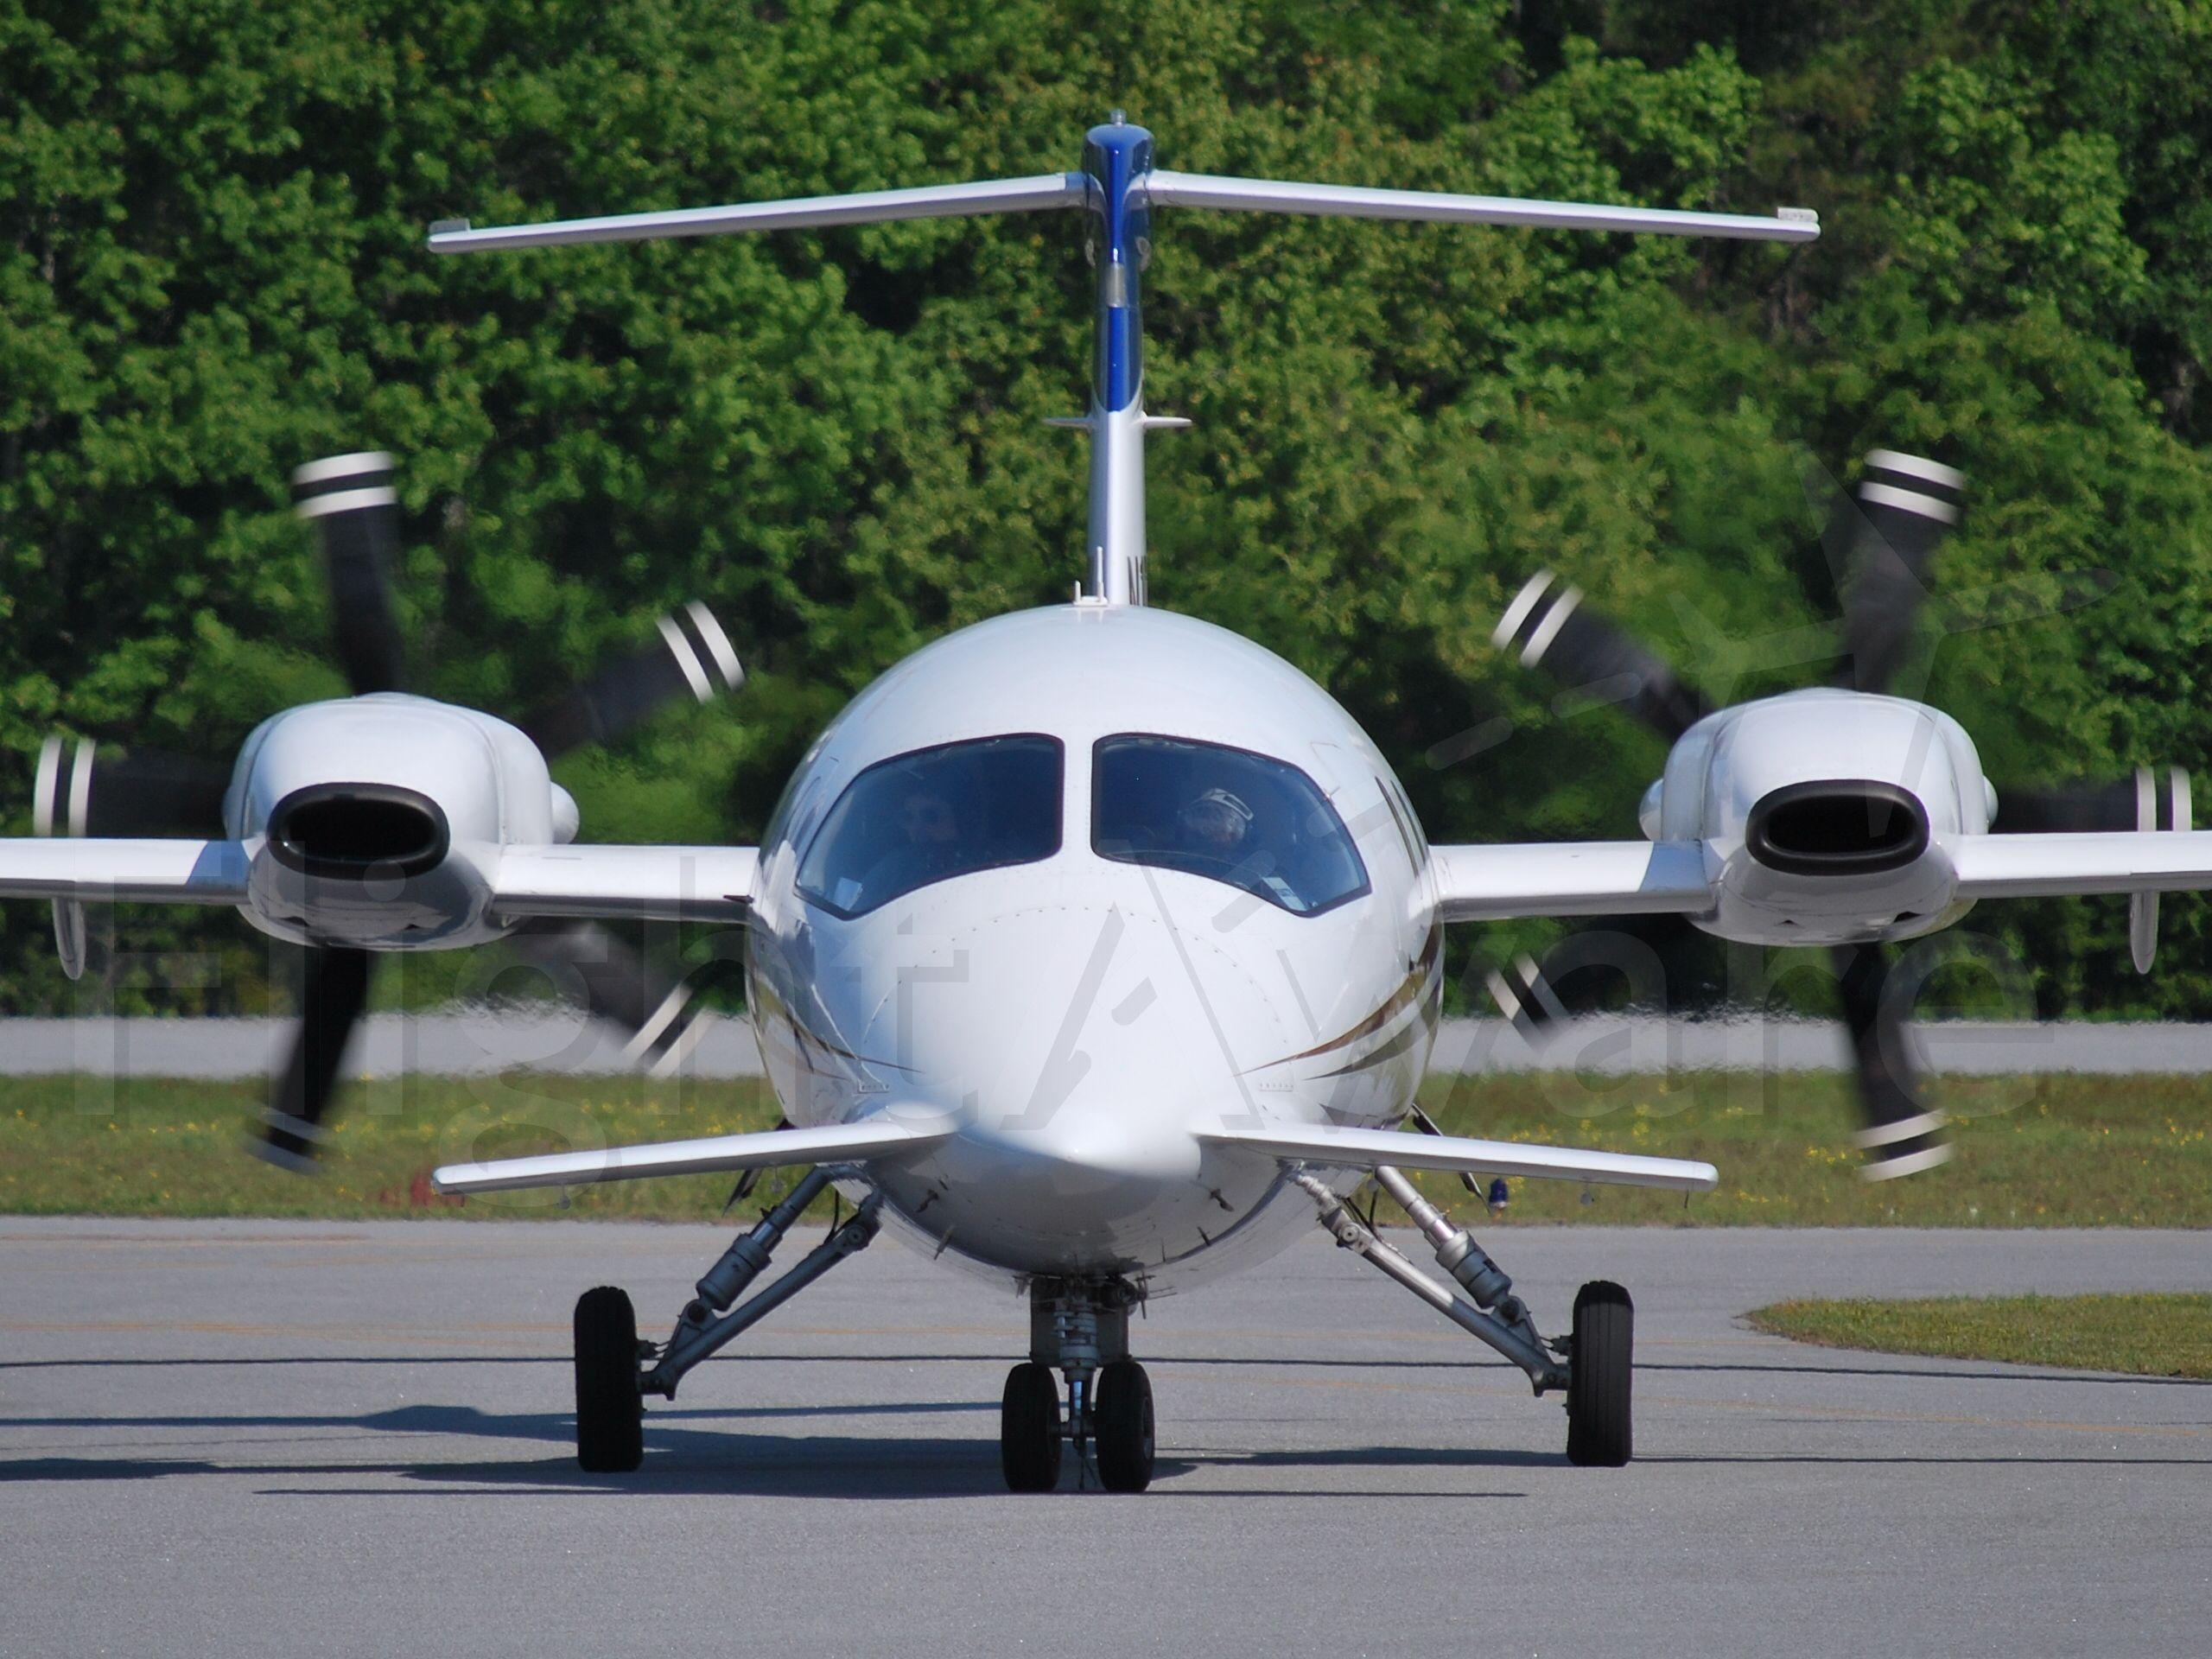 Piaggio P.180 Avanti (N102SL) - AGI HOLDINGS CORP taxiing in from runway 03 - 4/24/09